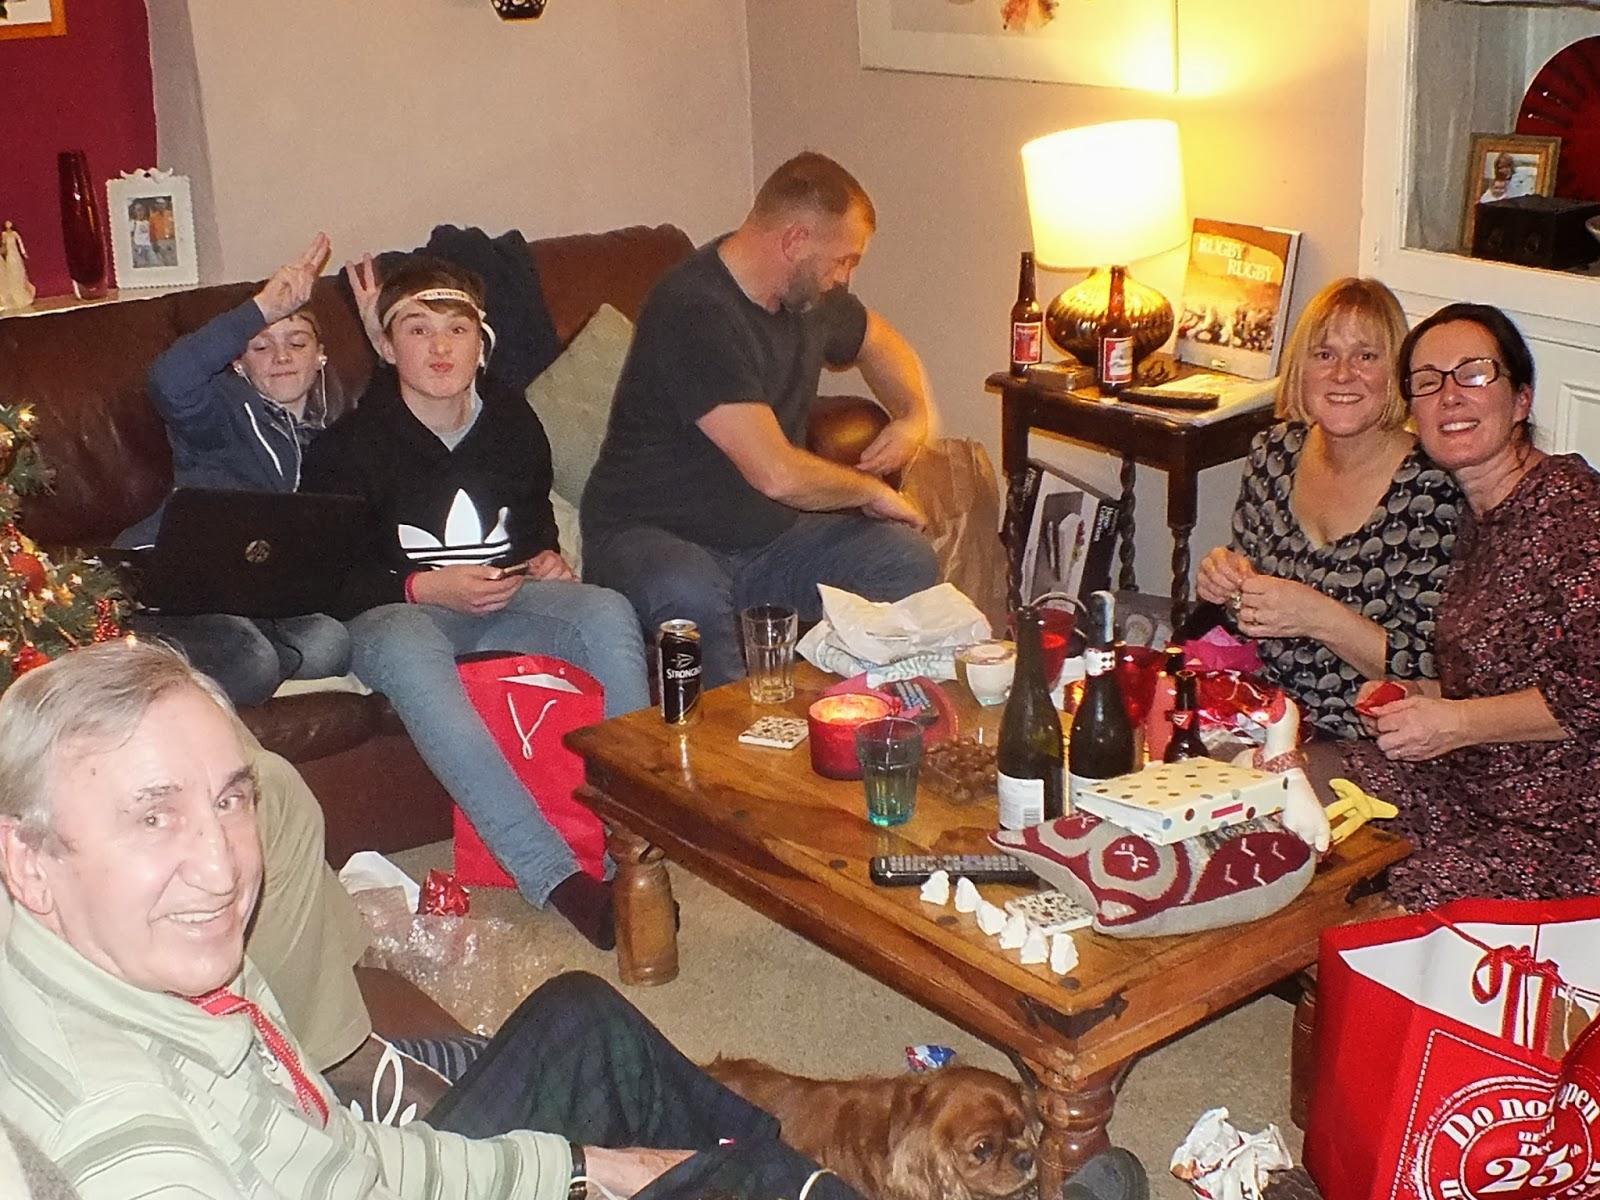 keifer sutherland christmas tree - Kiefer Sutherland Christmas Tree